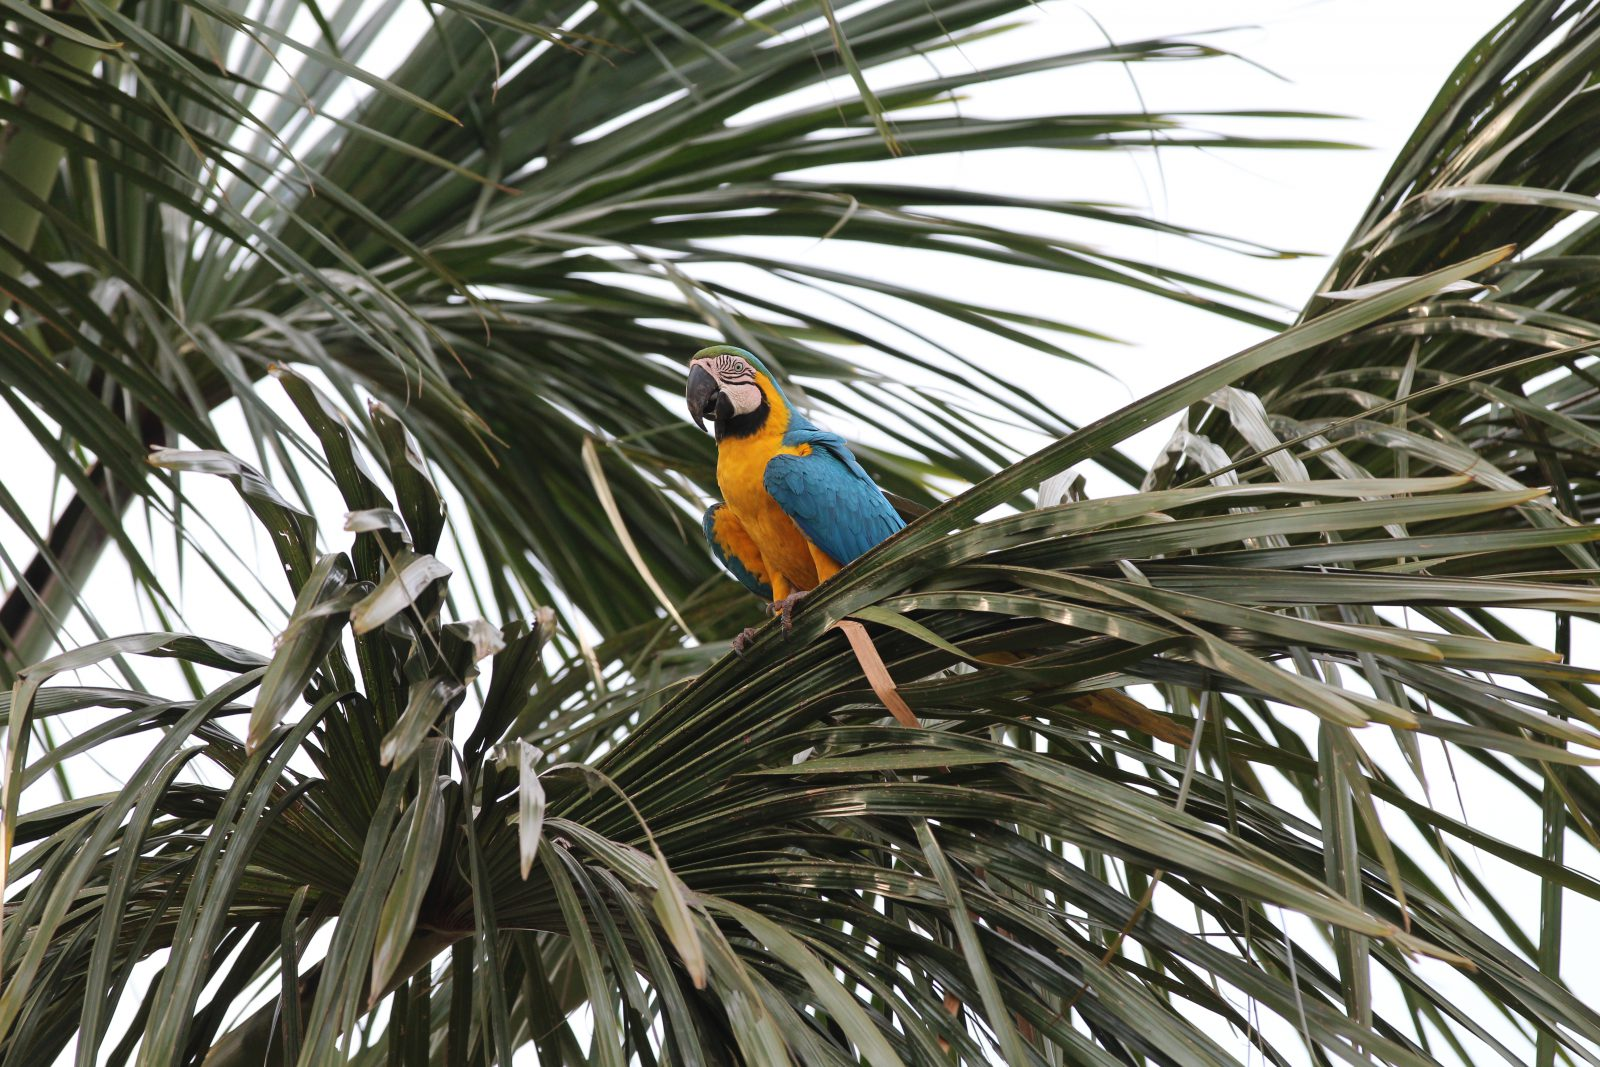 Sonhar com Arara na árvore indica independência e segurança.